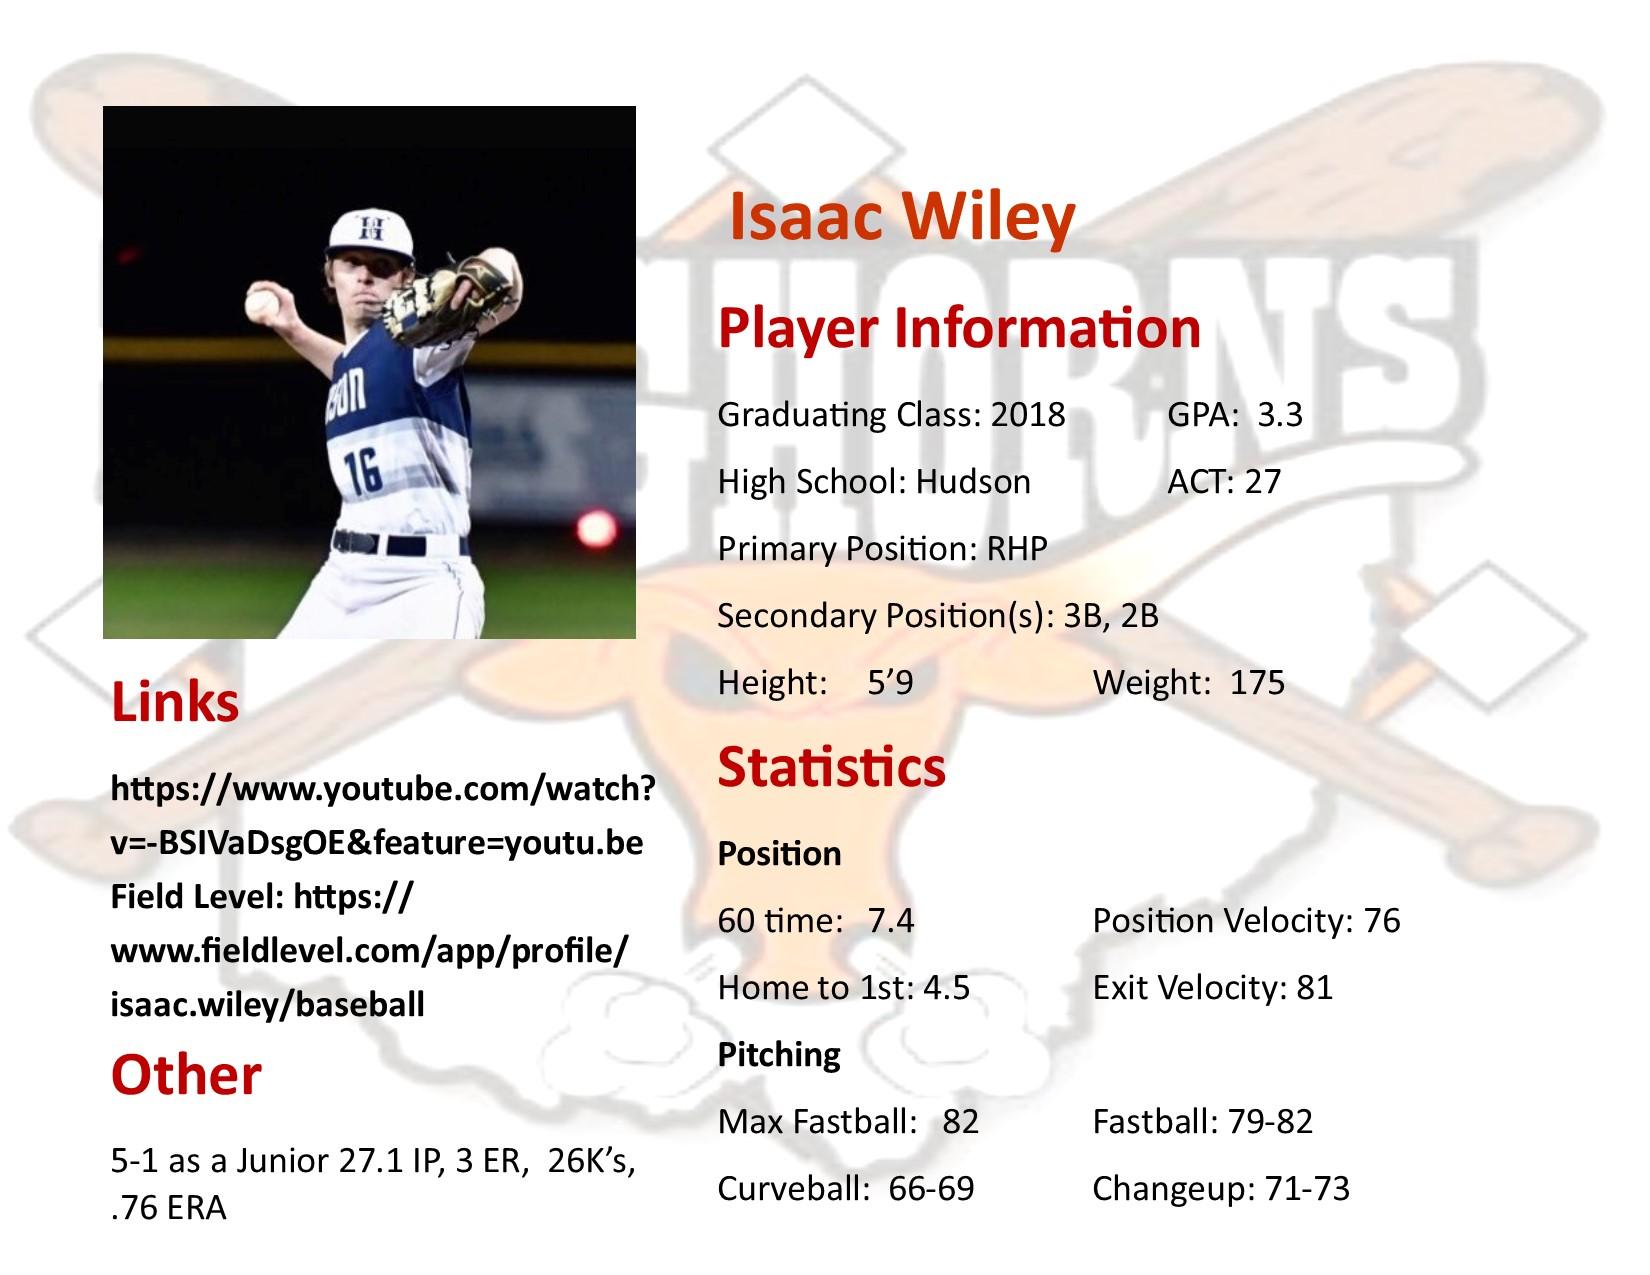 Isaac Wiley